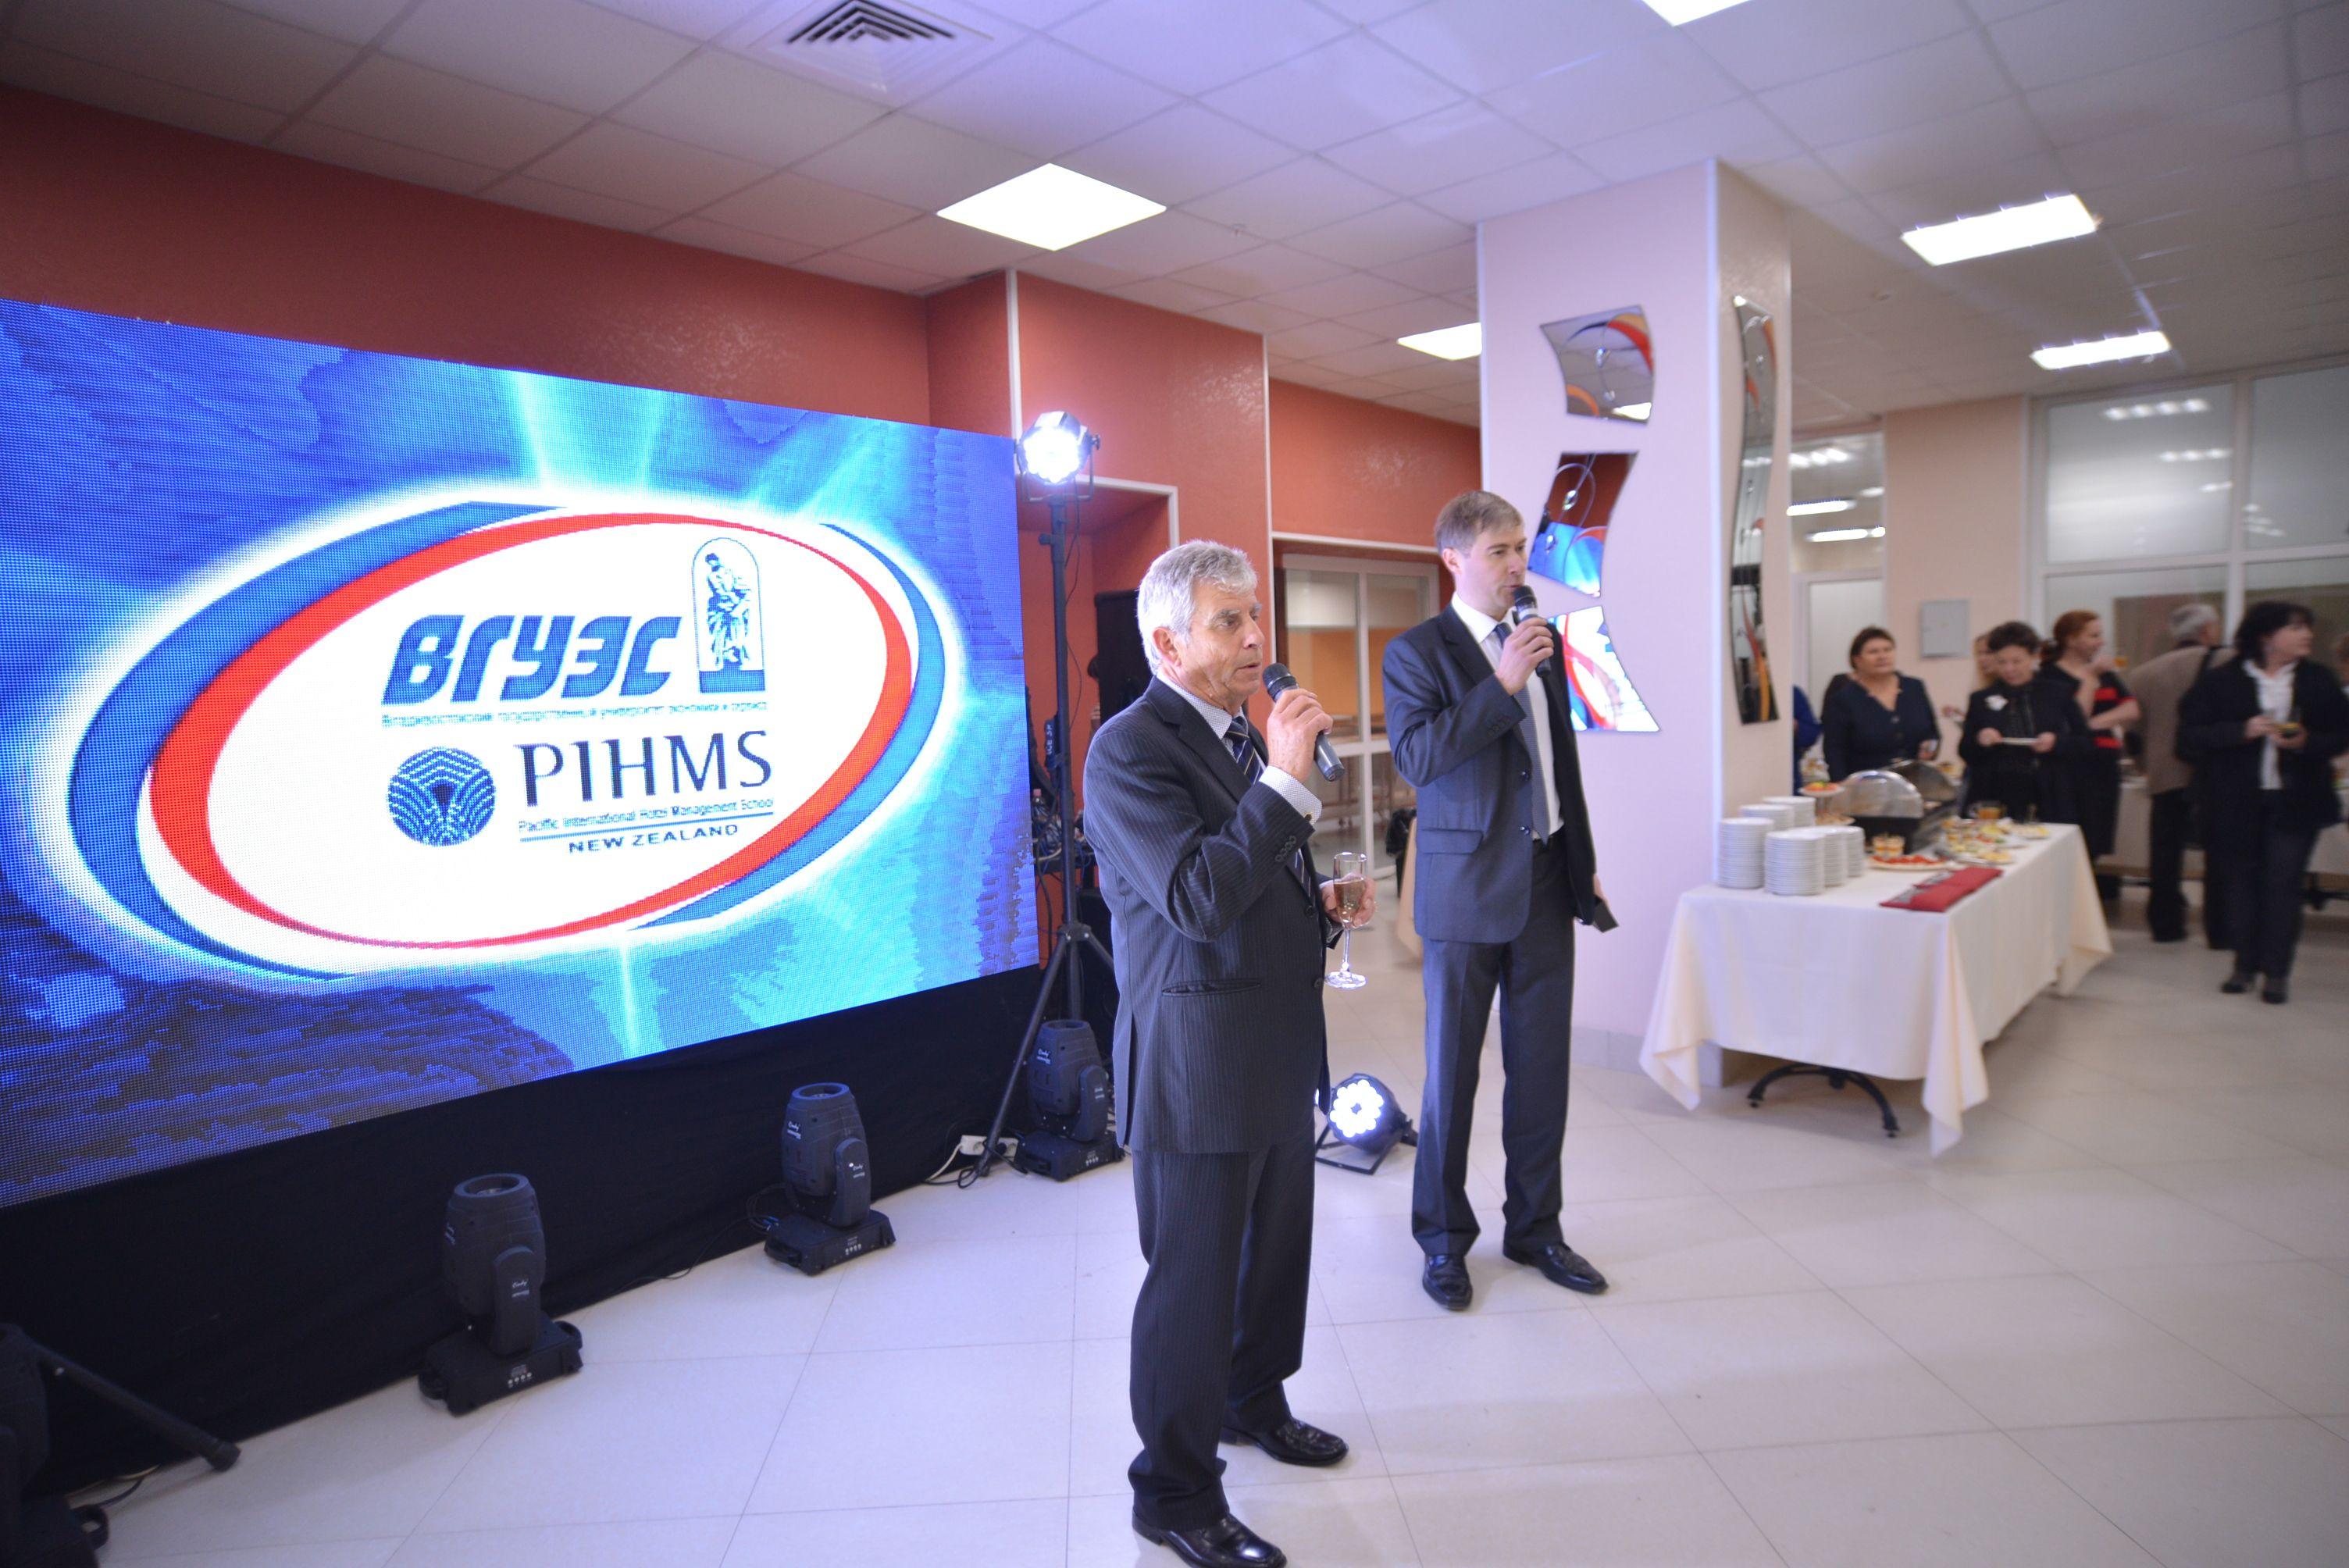 Студенты ВГУЭС-PIHMS приступили к занятиям в новом учебном корпусе